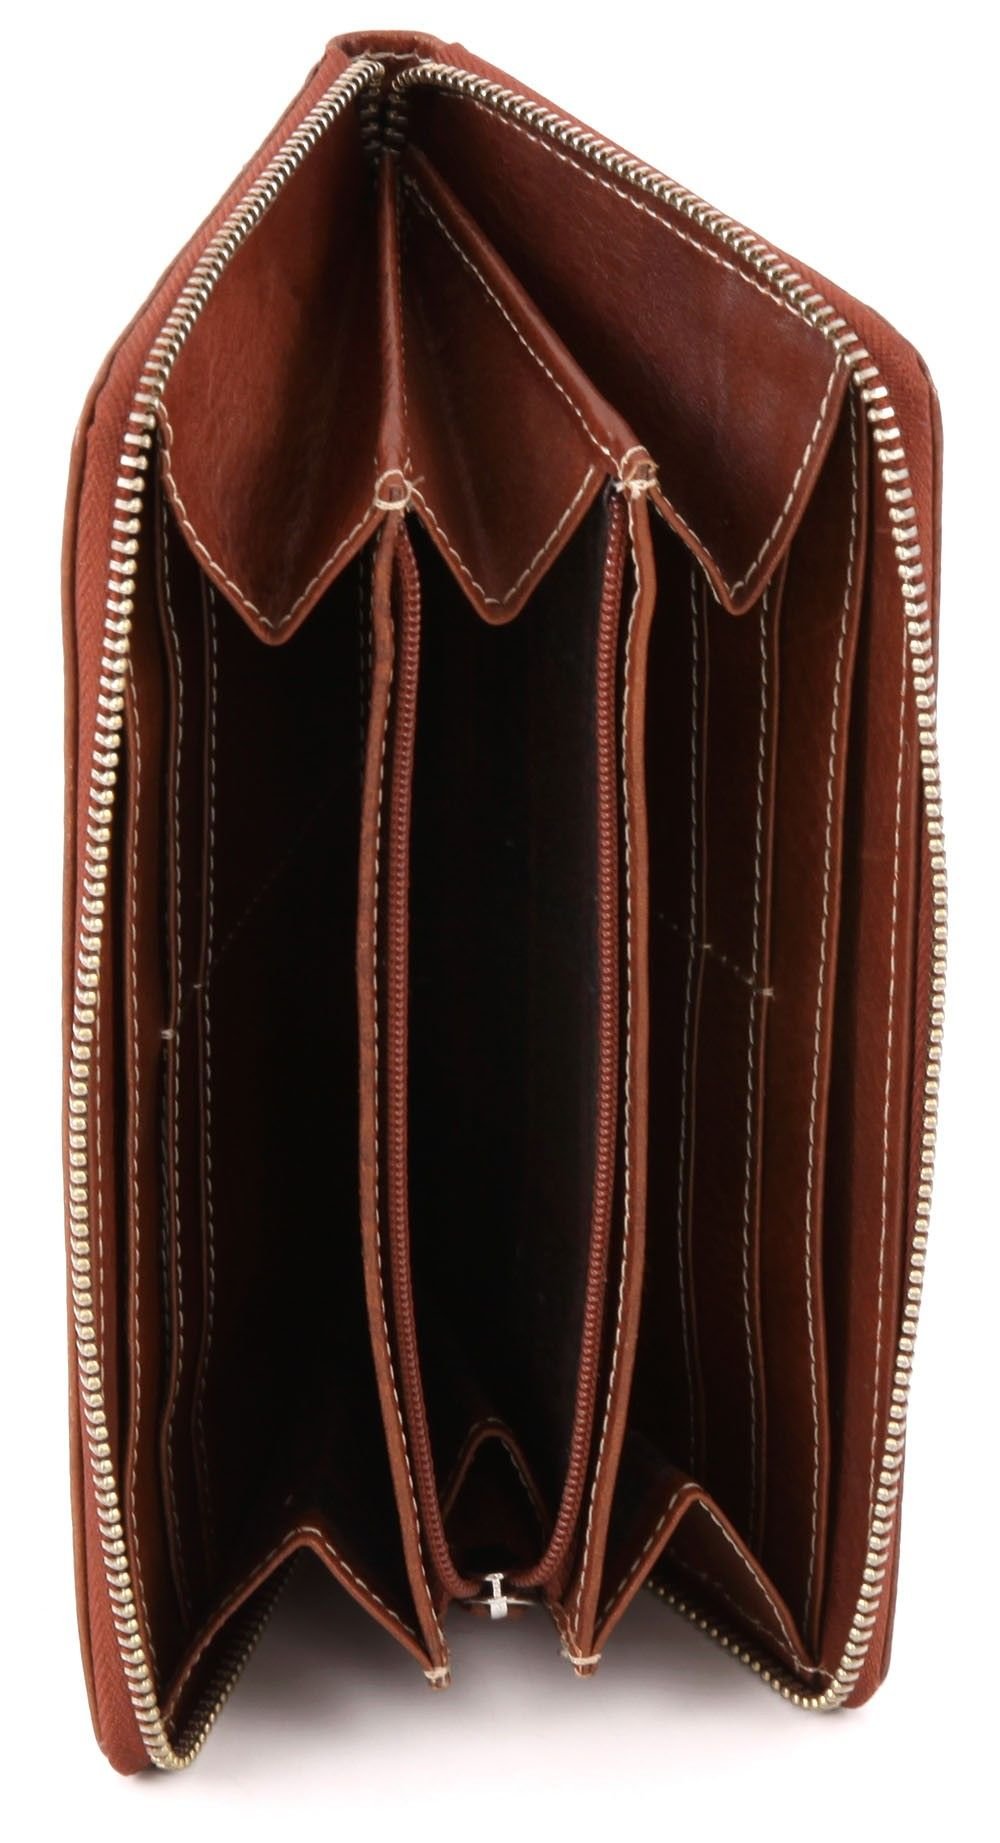 086a17ec9bad Marc OPolo Kent Monedero coñac de cuero 18,5 cm - 80.235-74.000 | Marcas de  diseño :: wardow.com